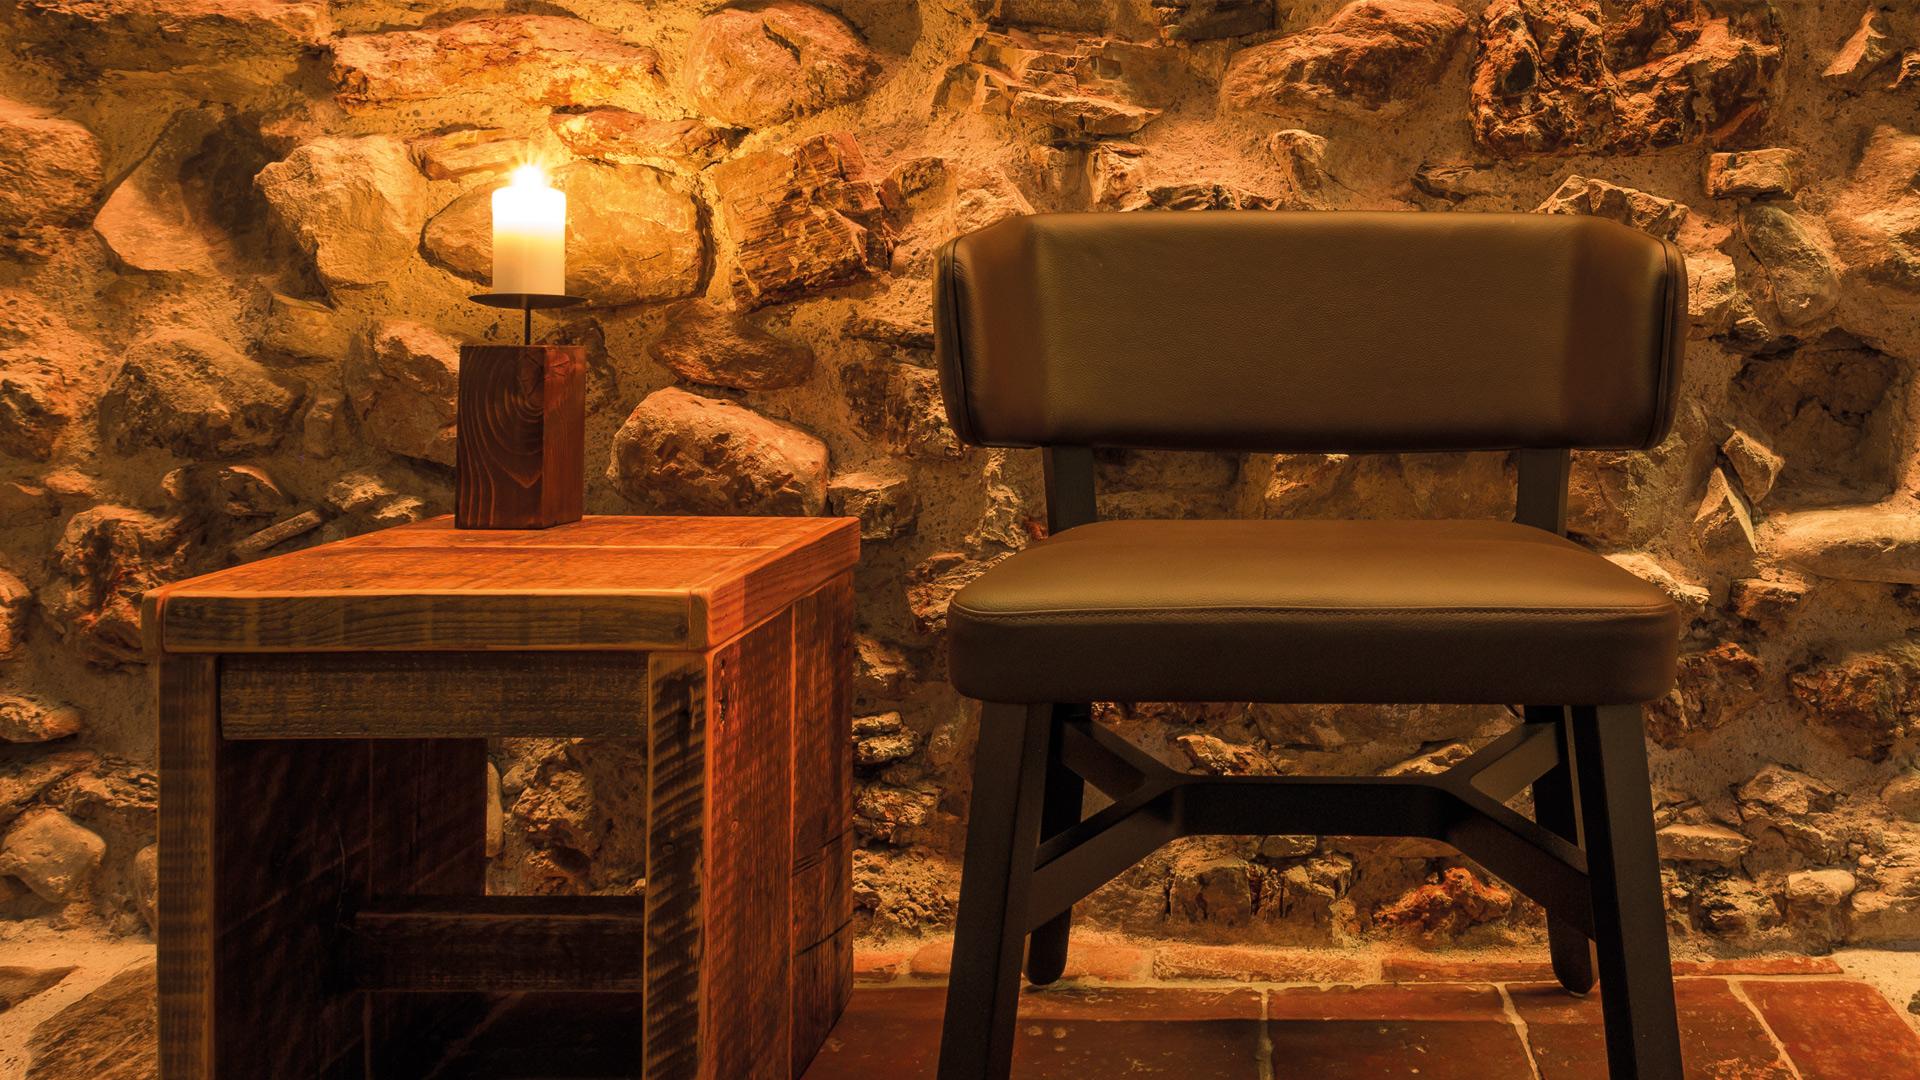 ribs-steakhouse-moebel